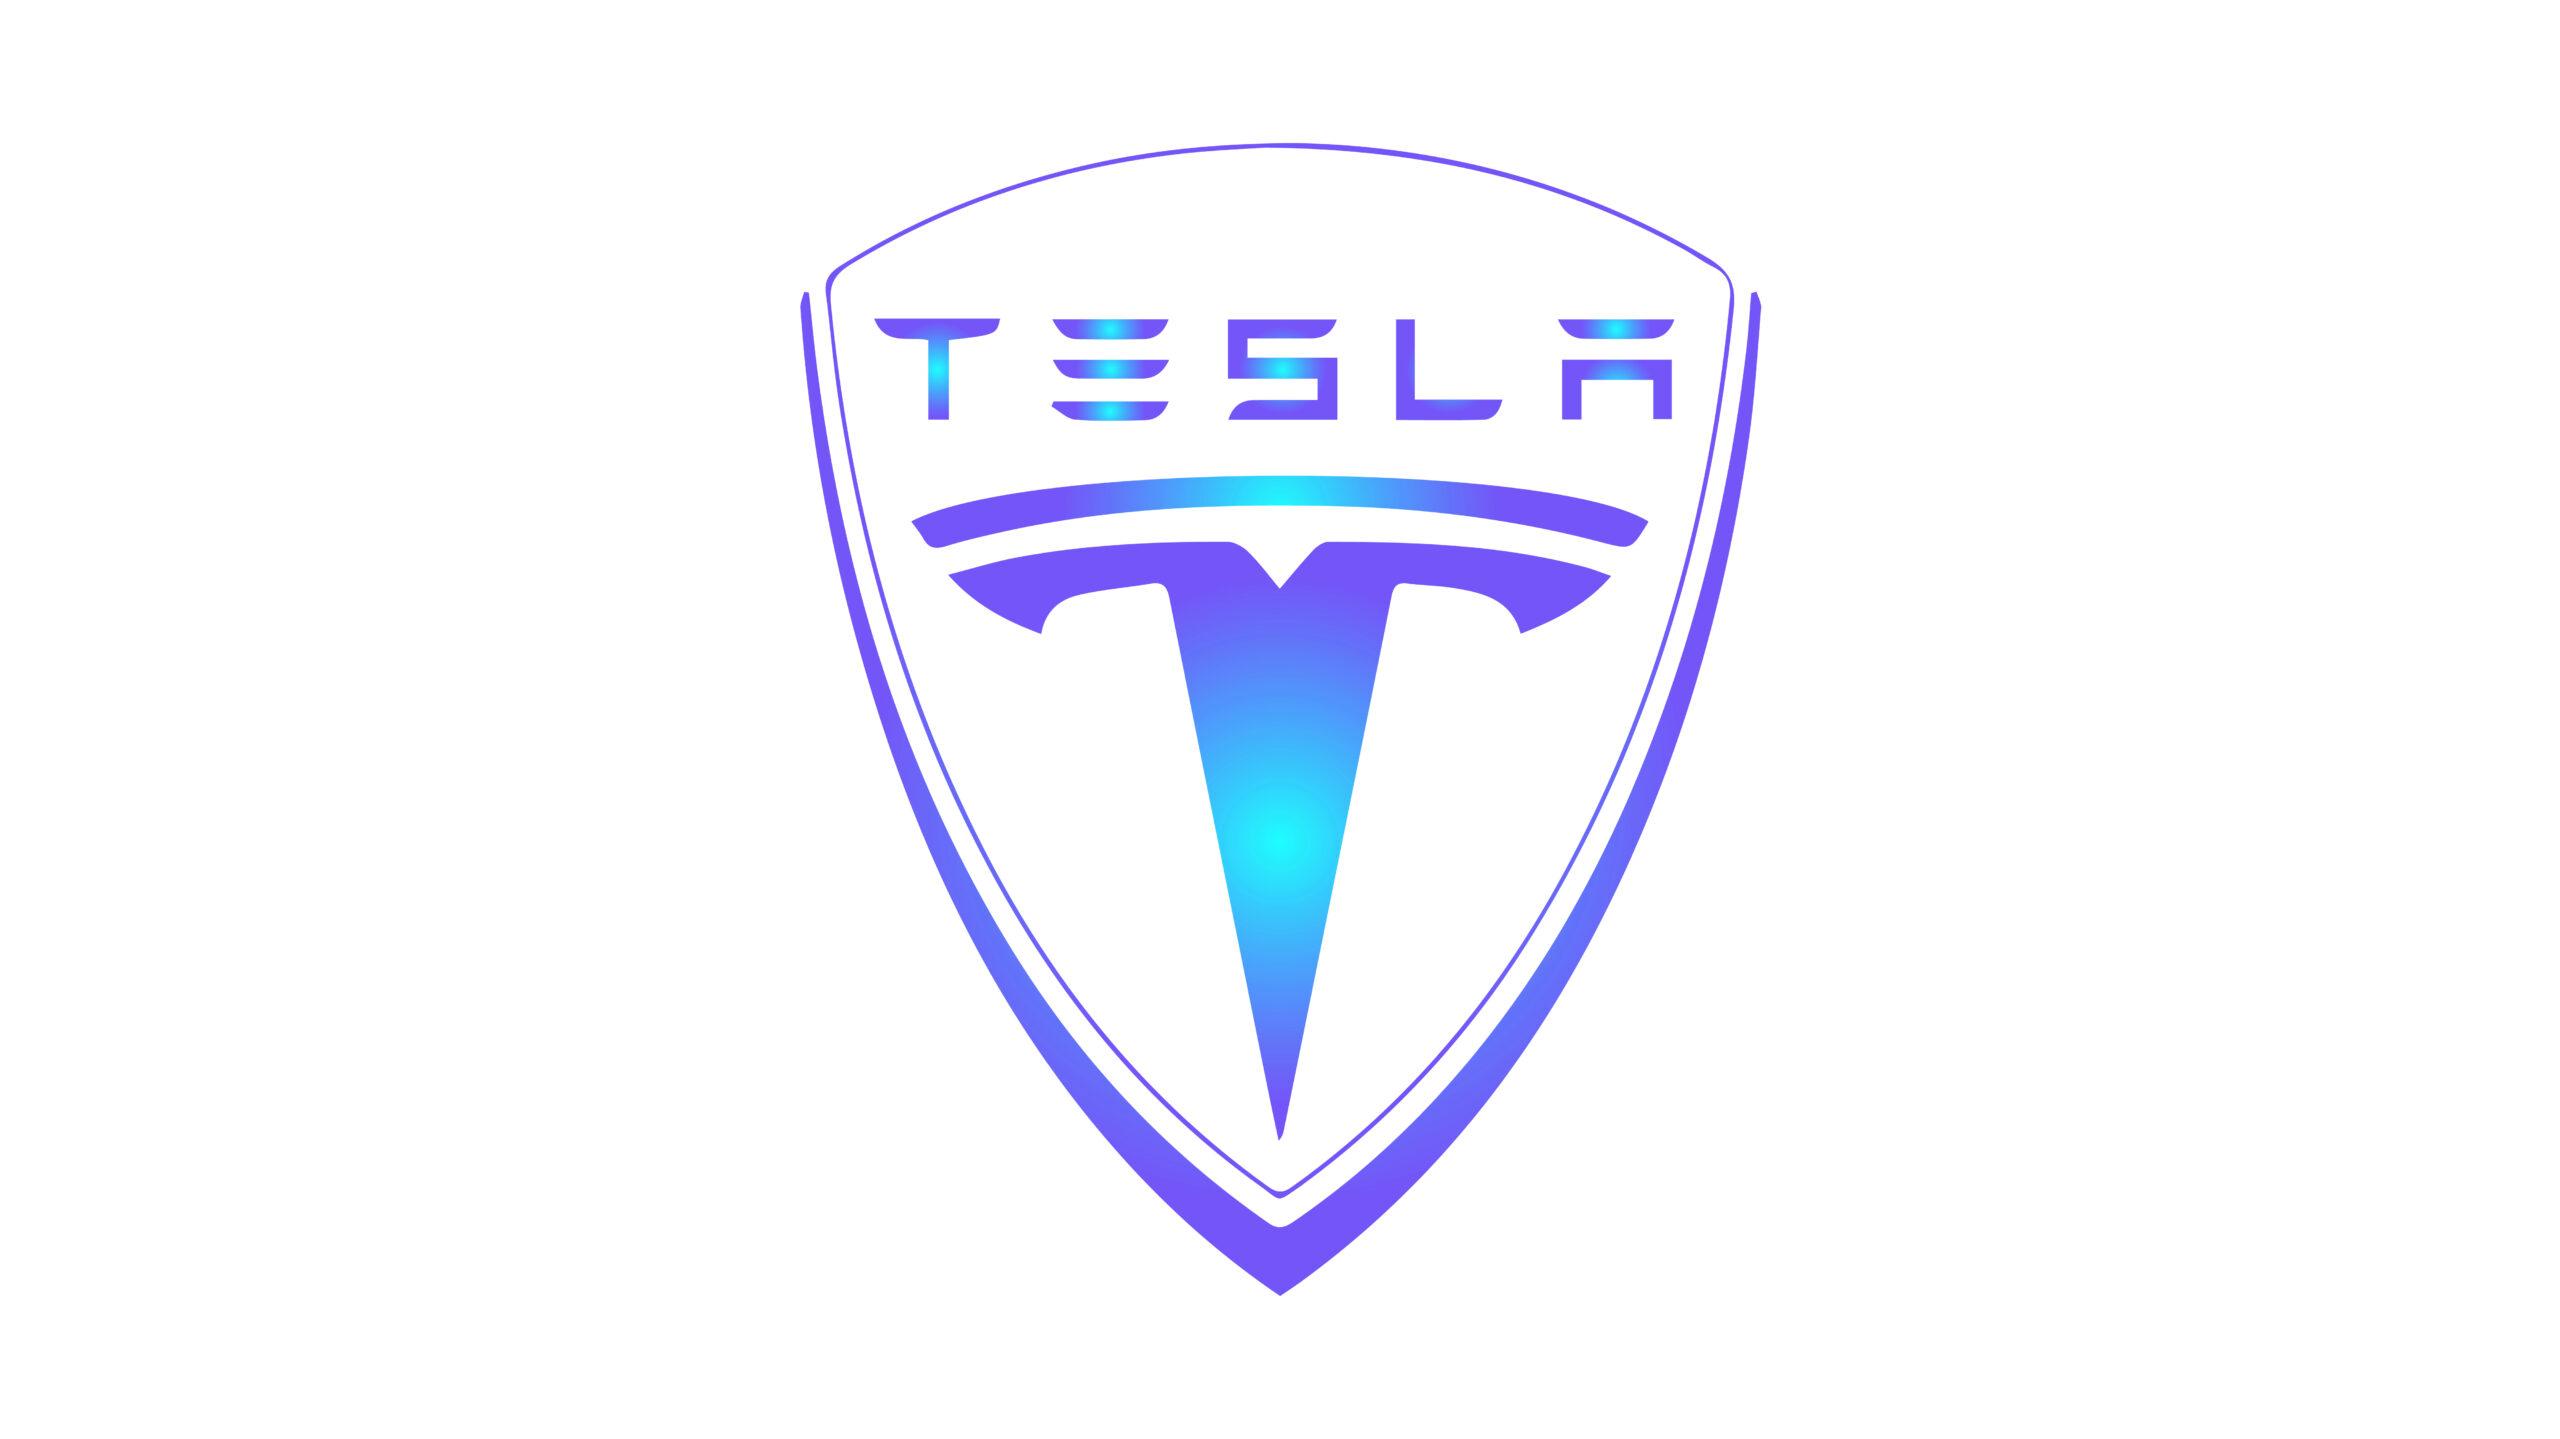 Тесла 2020 - теперь и страховщик